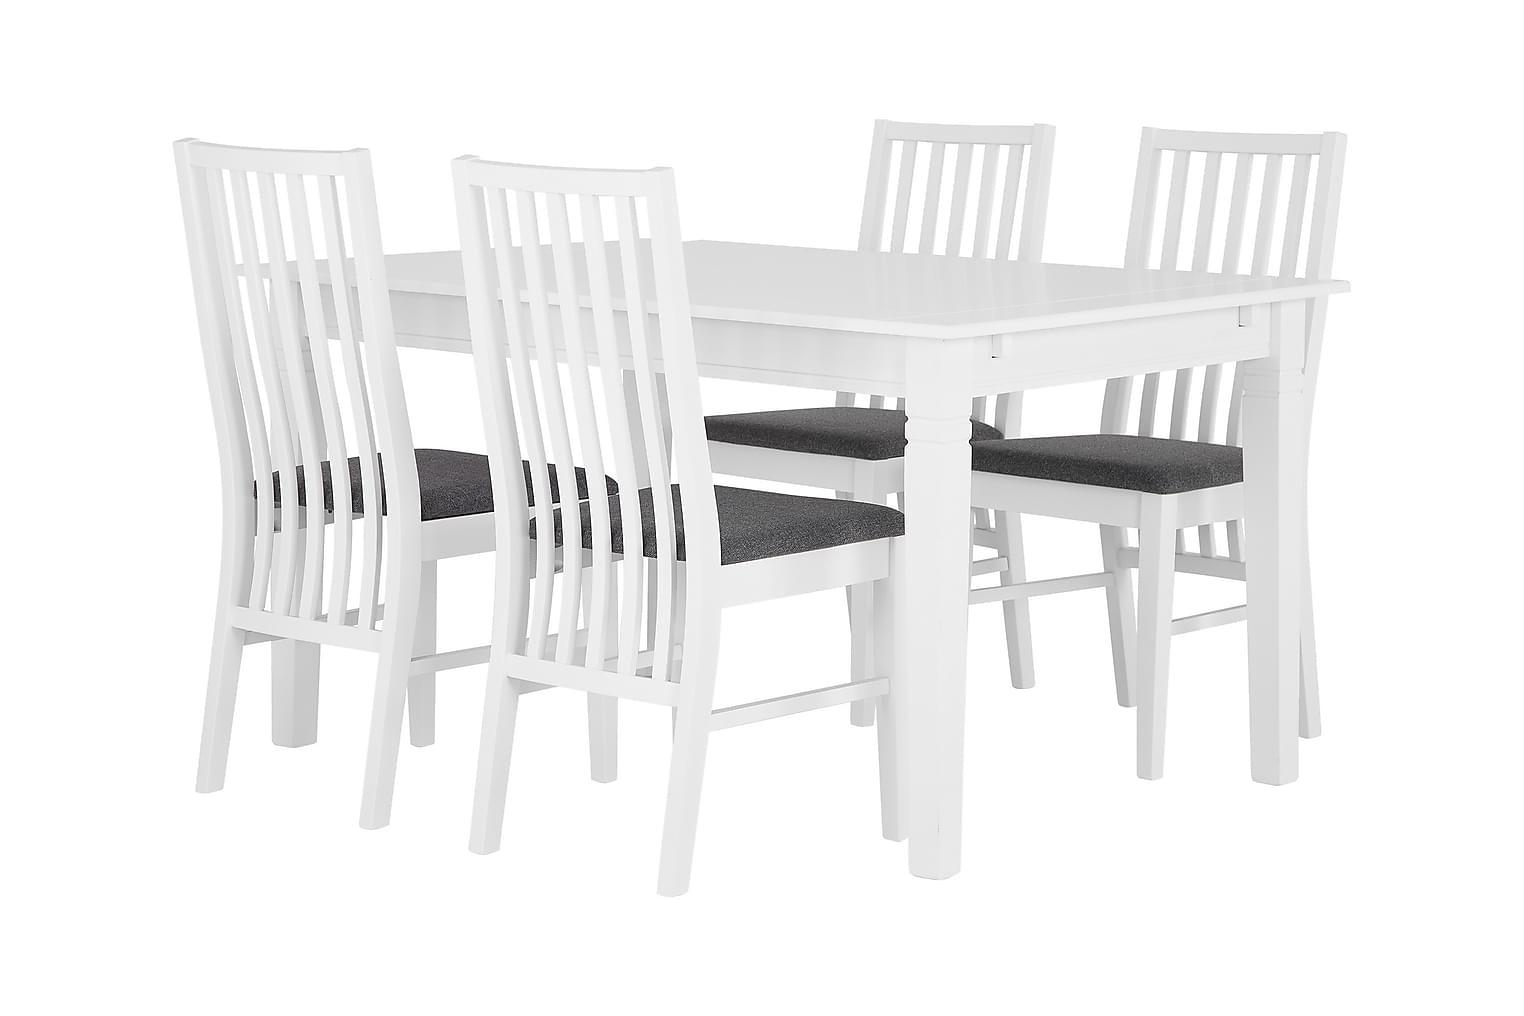 SJÖVIK Pöytä 140 Valkoinen + 4 ALVESTA Tuolia Valkoinen/Harm